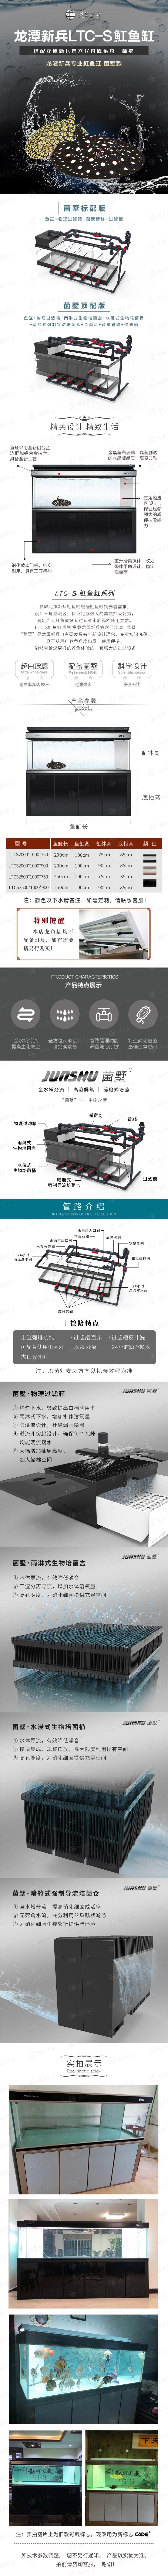 龙潭新兵LTC-S魟鱼缸菌墅系列.jpg